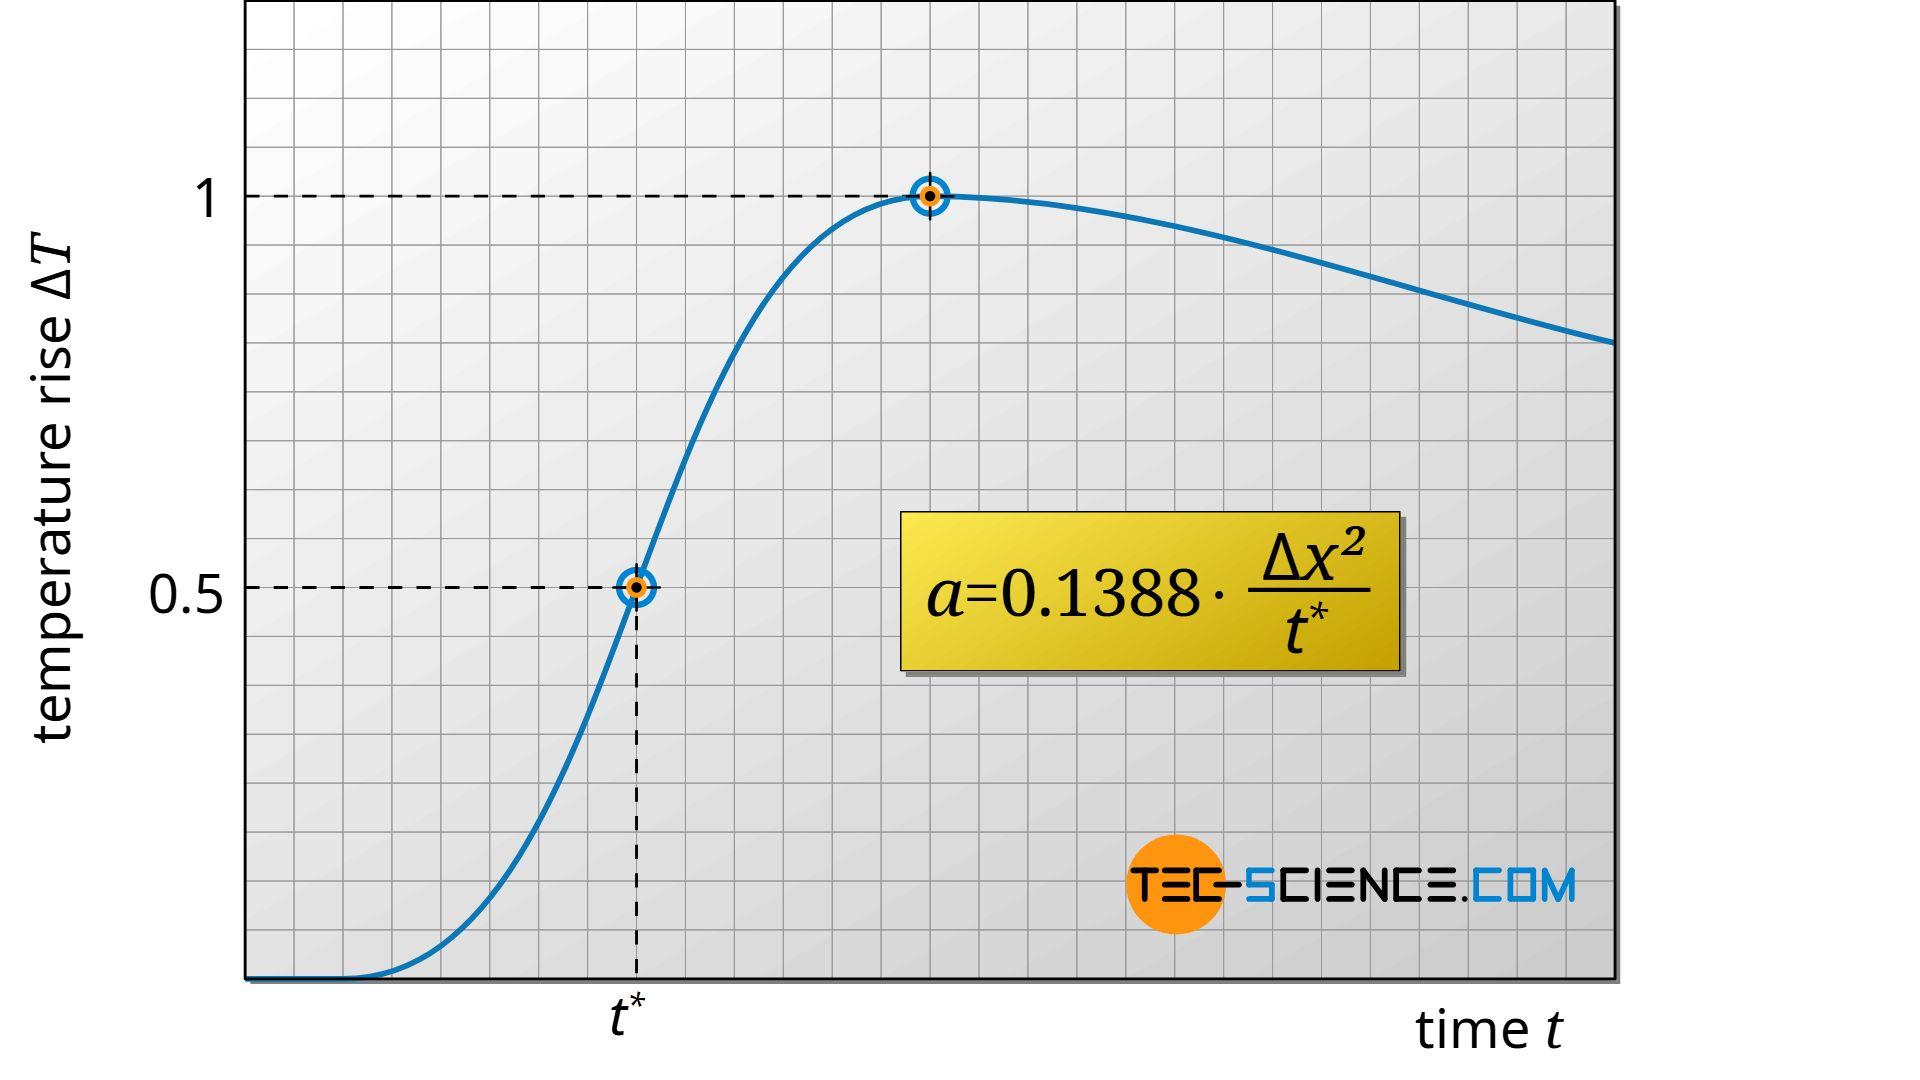 Diagramm der Temperaturerhöhung in Abhängigkeit der Zeit beim Laser-Flash Verfahren